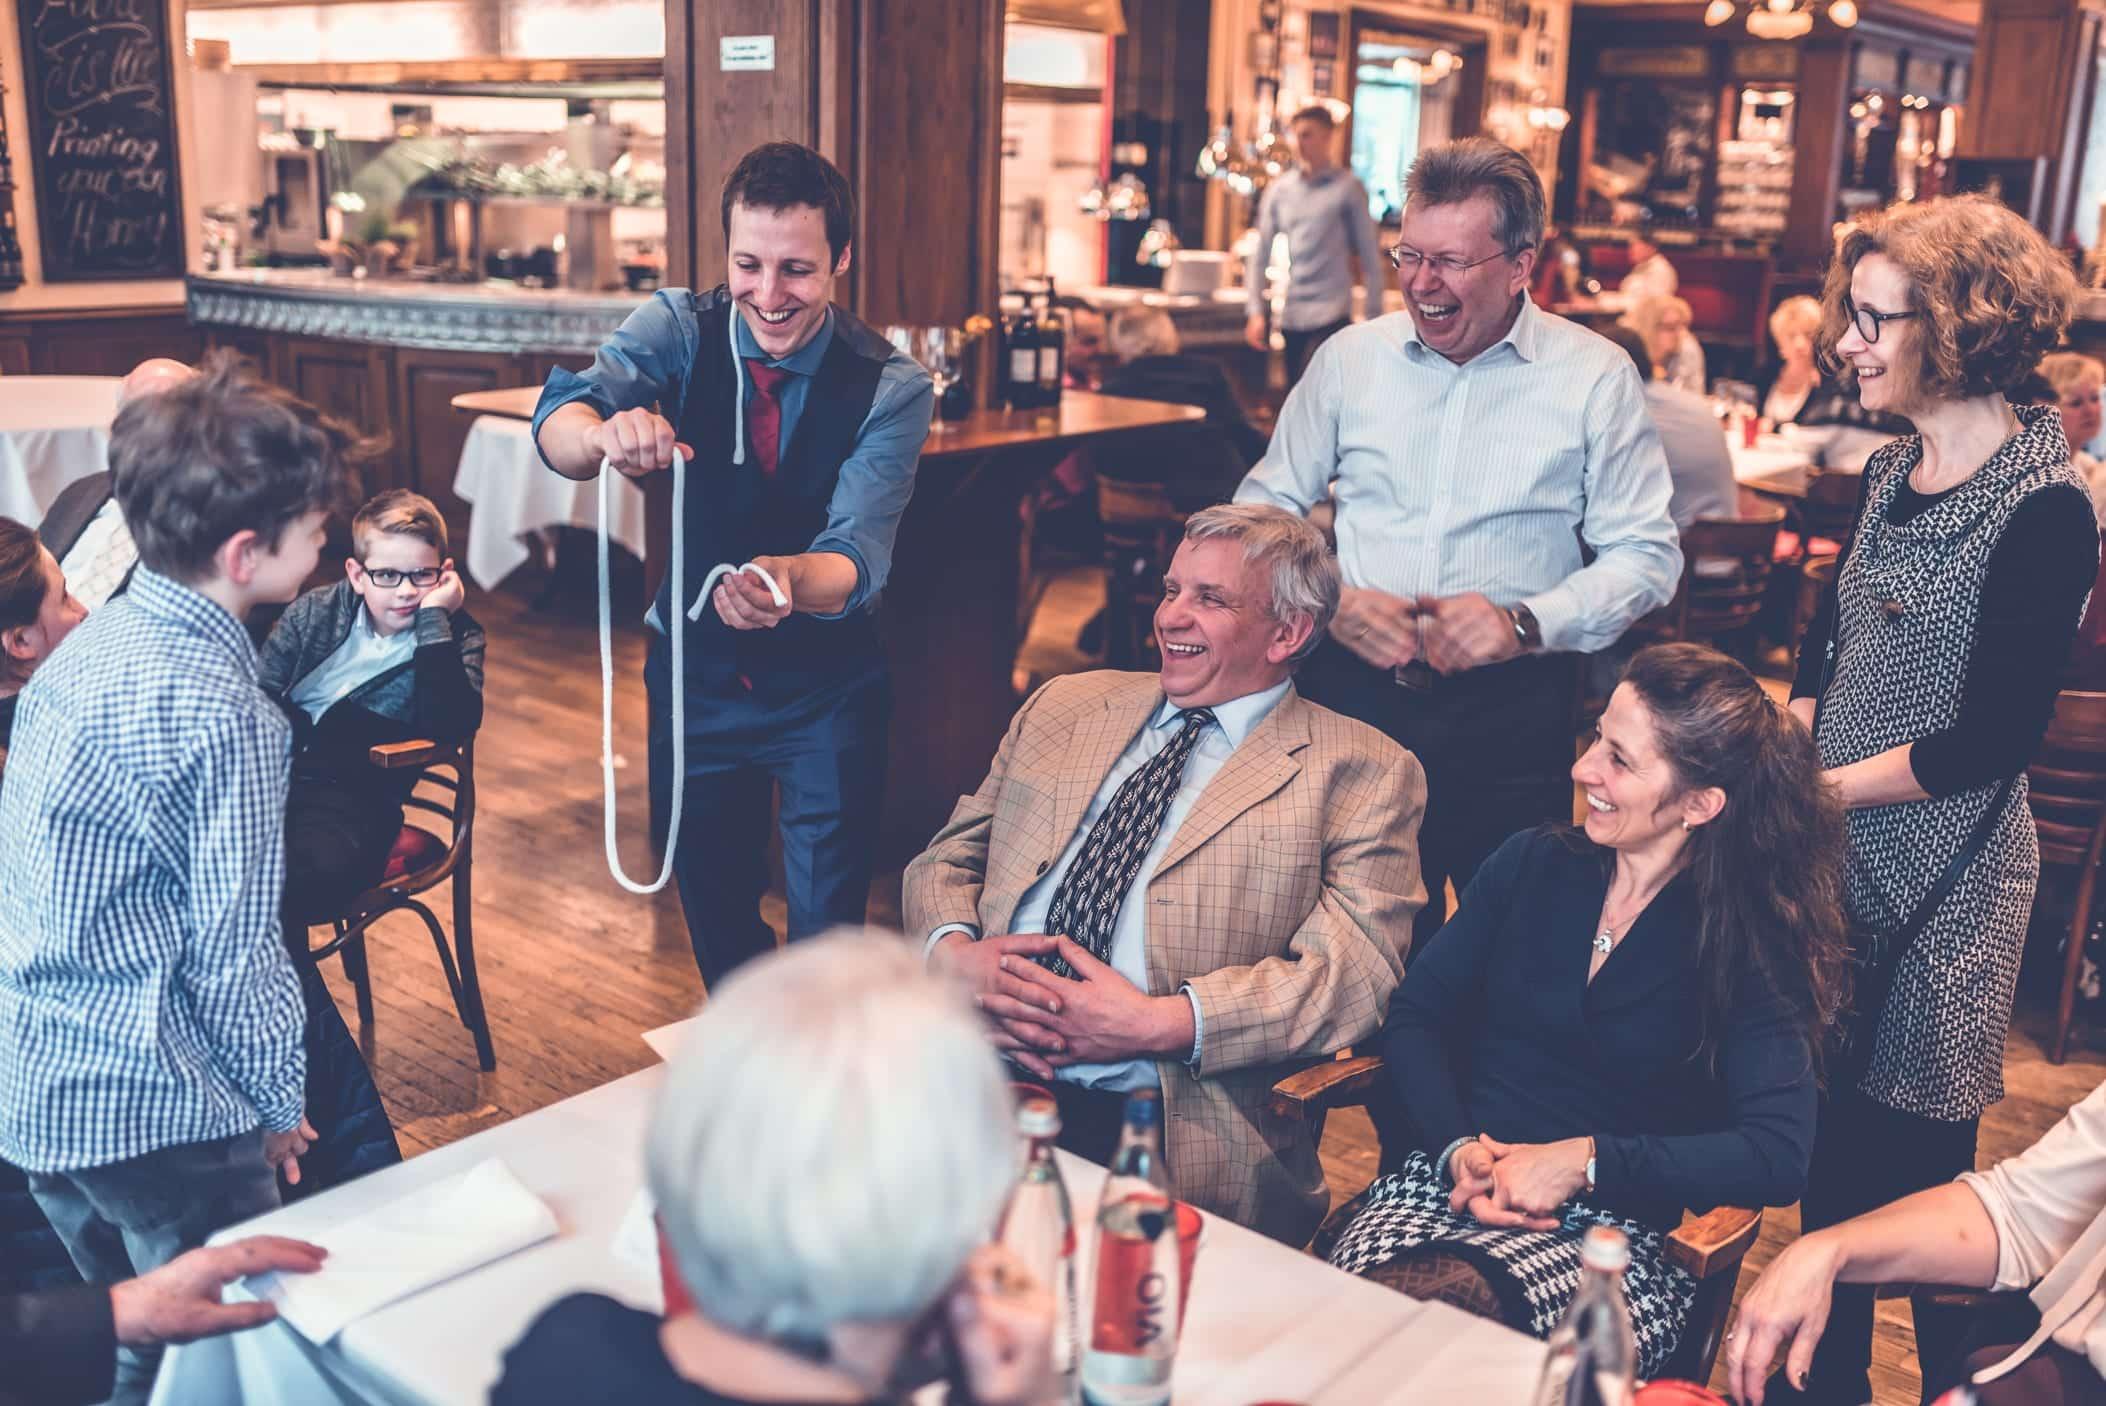 Diese Geburtstagsfeier wird durch einen Zauberer bereichert. Er zeigt den lachenden Gästen am Tisch seine Magie. Sie können hautnah dabei sein und werden eine bleibende Erinnerung behalten.